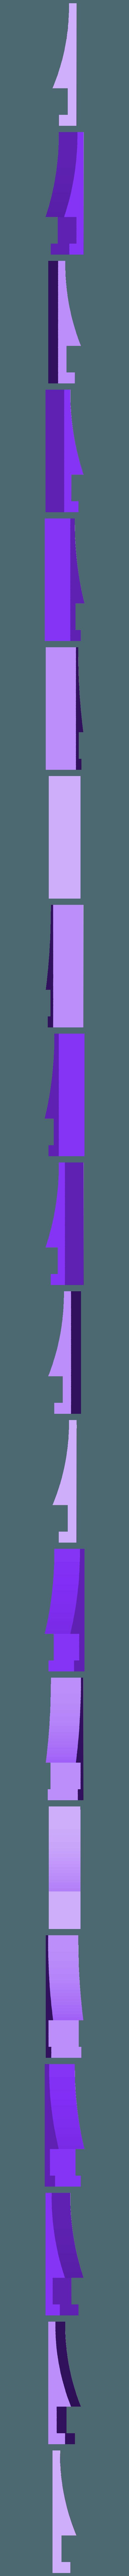 PS4legs.stl Télécharger fichier STL gratuit Jambes PS4 • Plan pour imprimante 3D, Thomllama